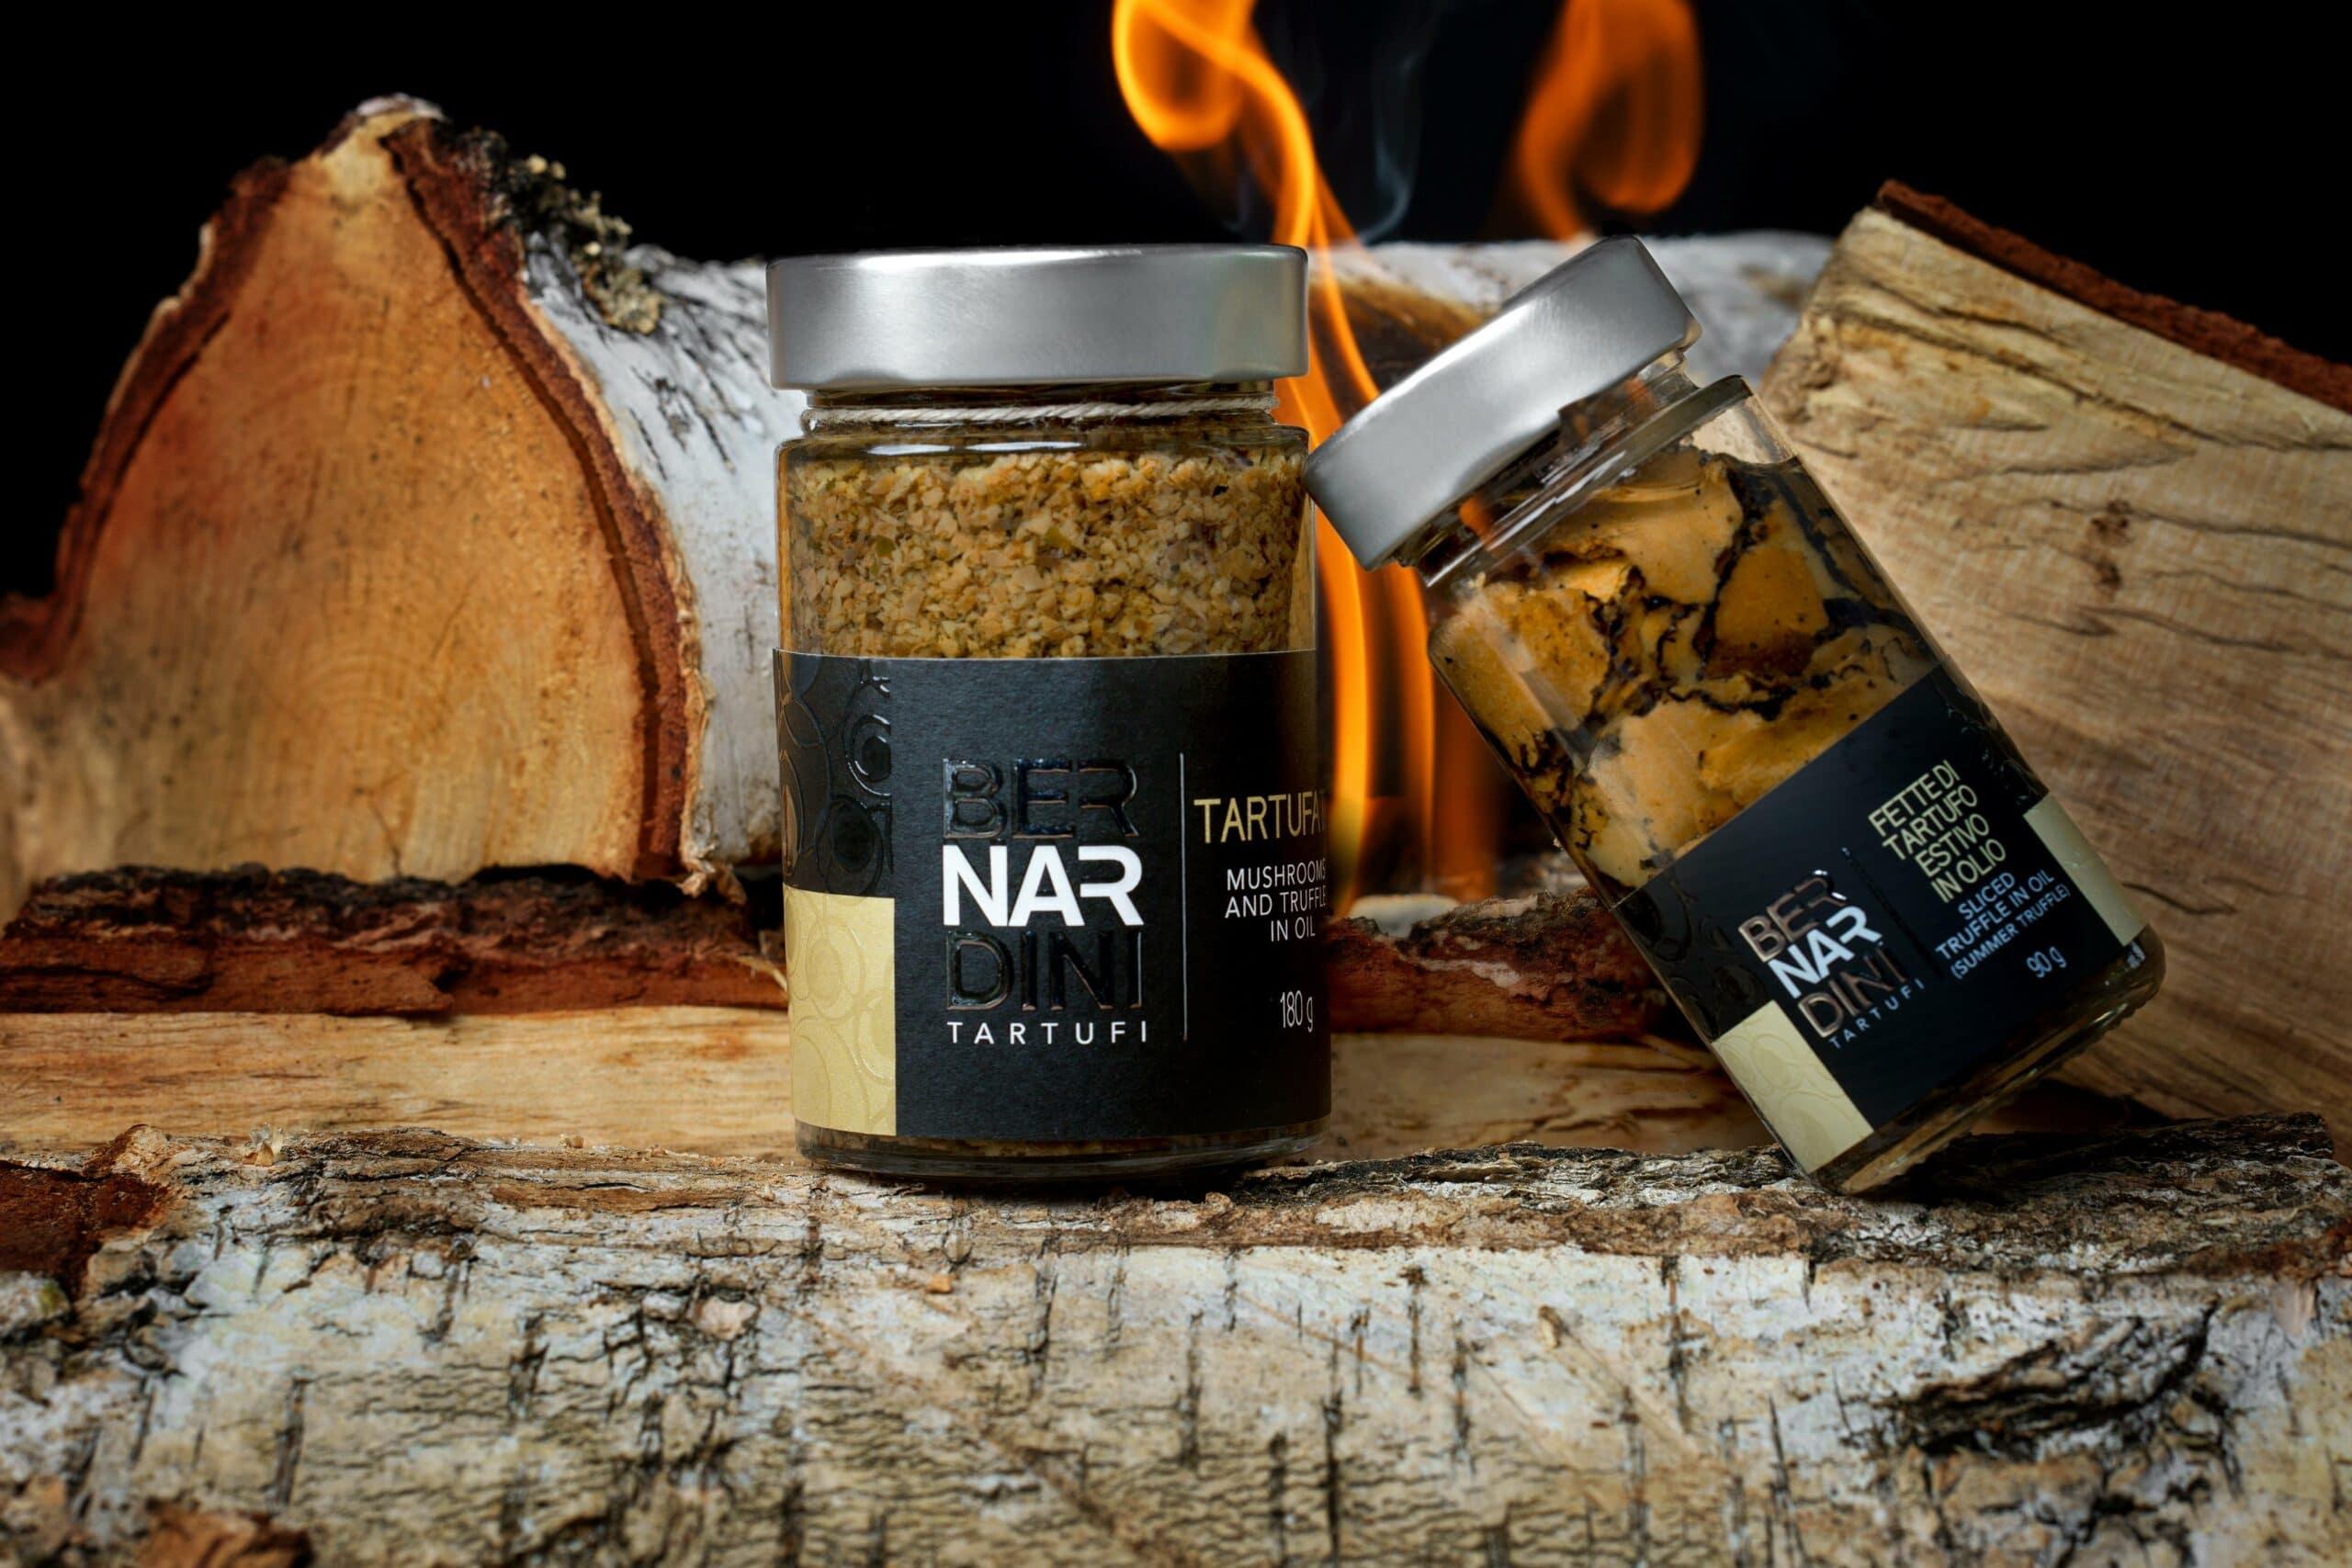 Karlsens krydderier, delikatesser på plas med grilltema